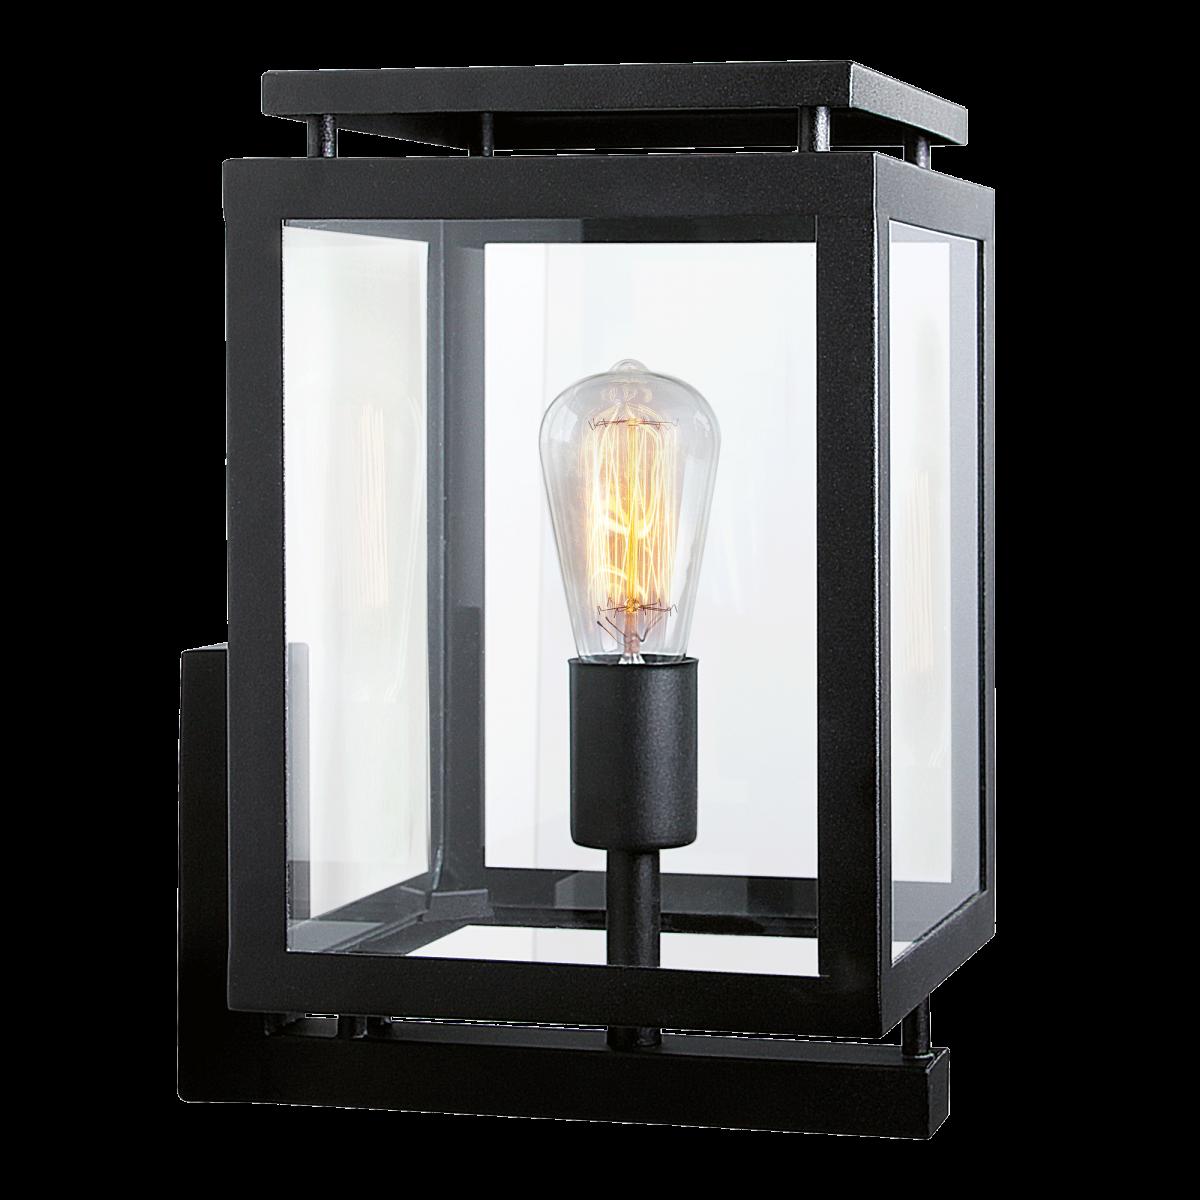 KS Verlichting De Vecht - Populaire moderne strak klassieke buitenverlichting - RVS Buitenlamp Zwart